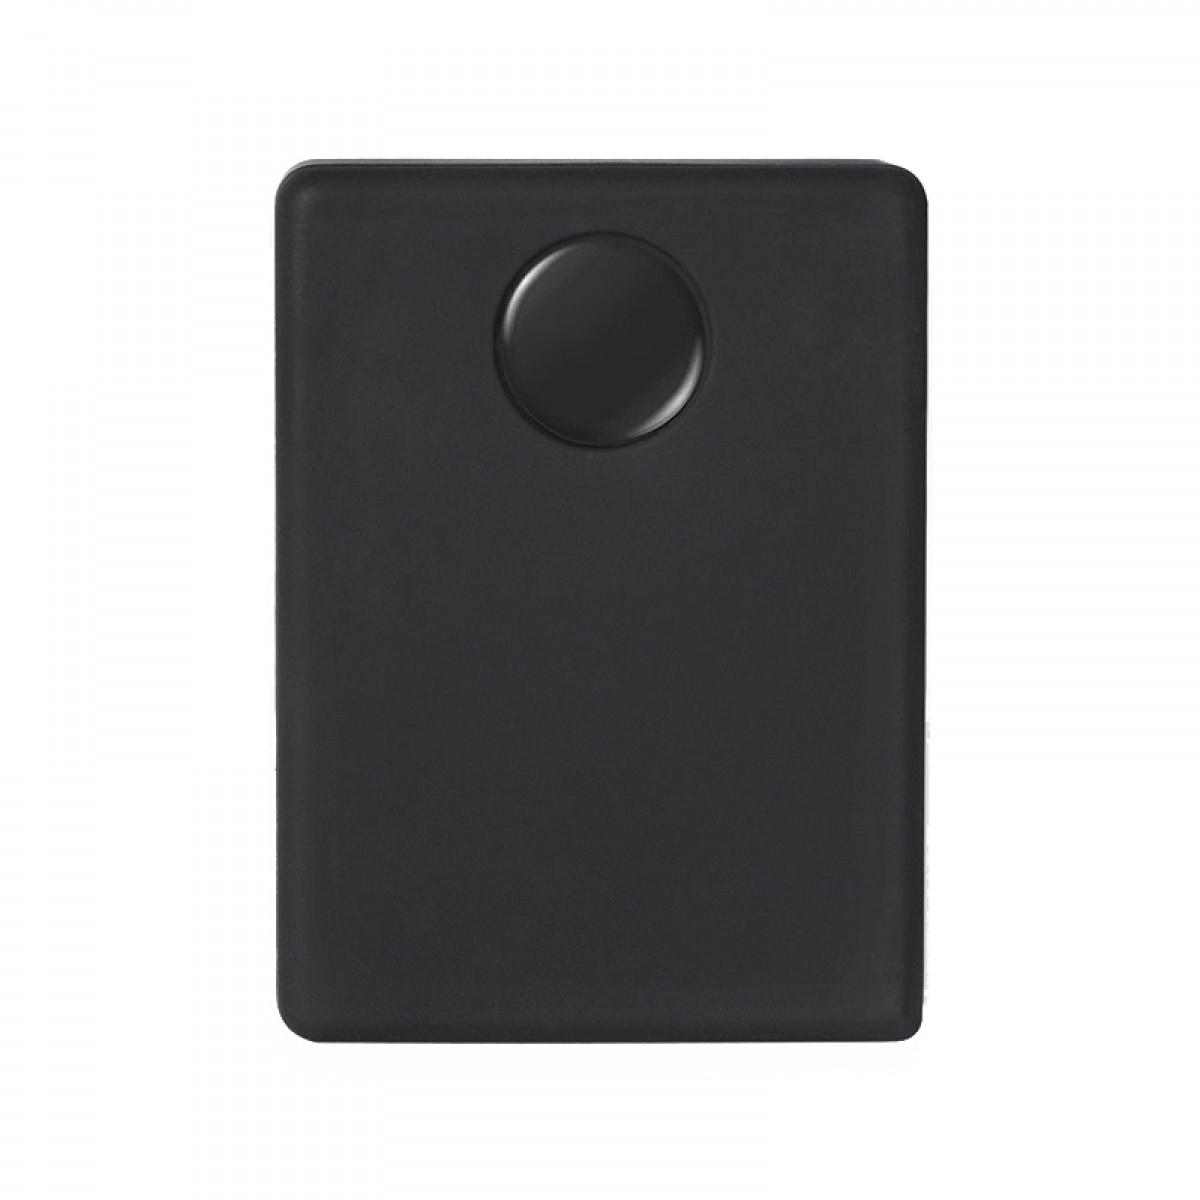 Μίνι Συσκευή Επίβλεψης Χώρου Με Κάρτα SIM-GSM N9-OEM